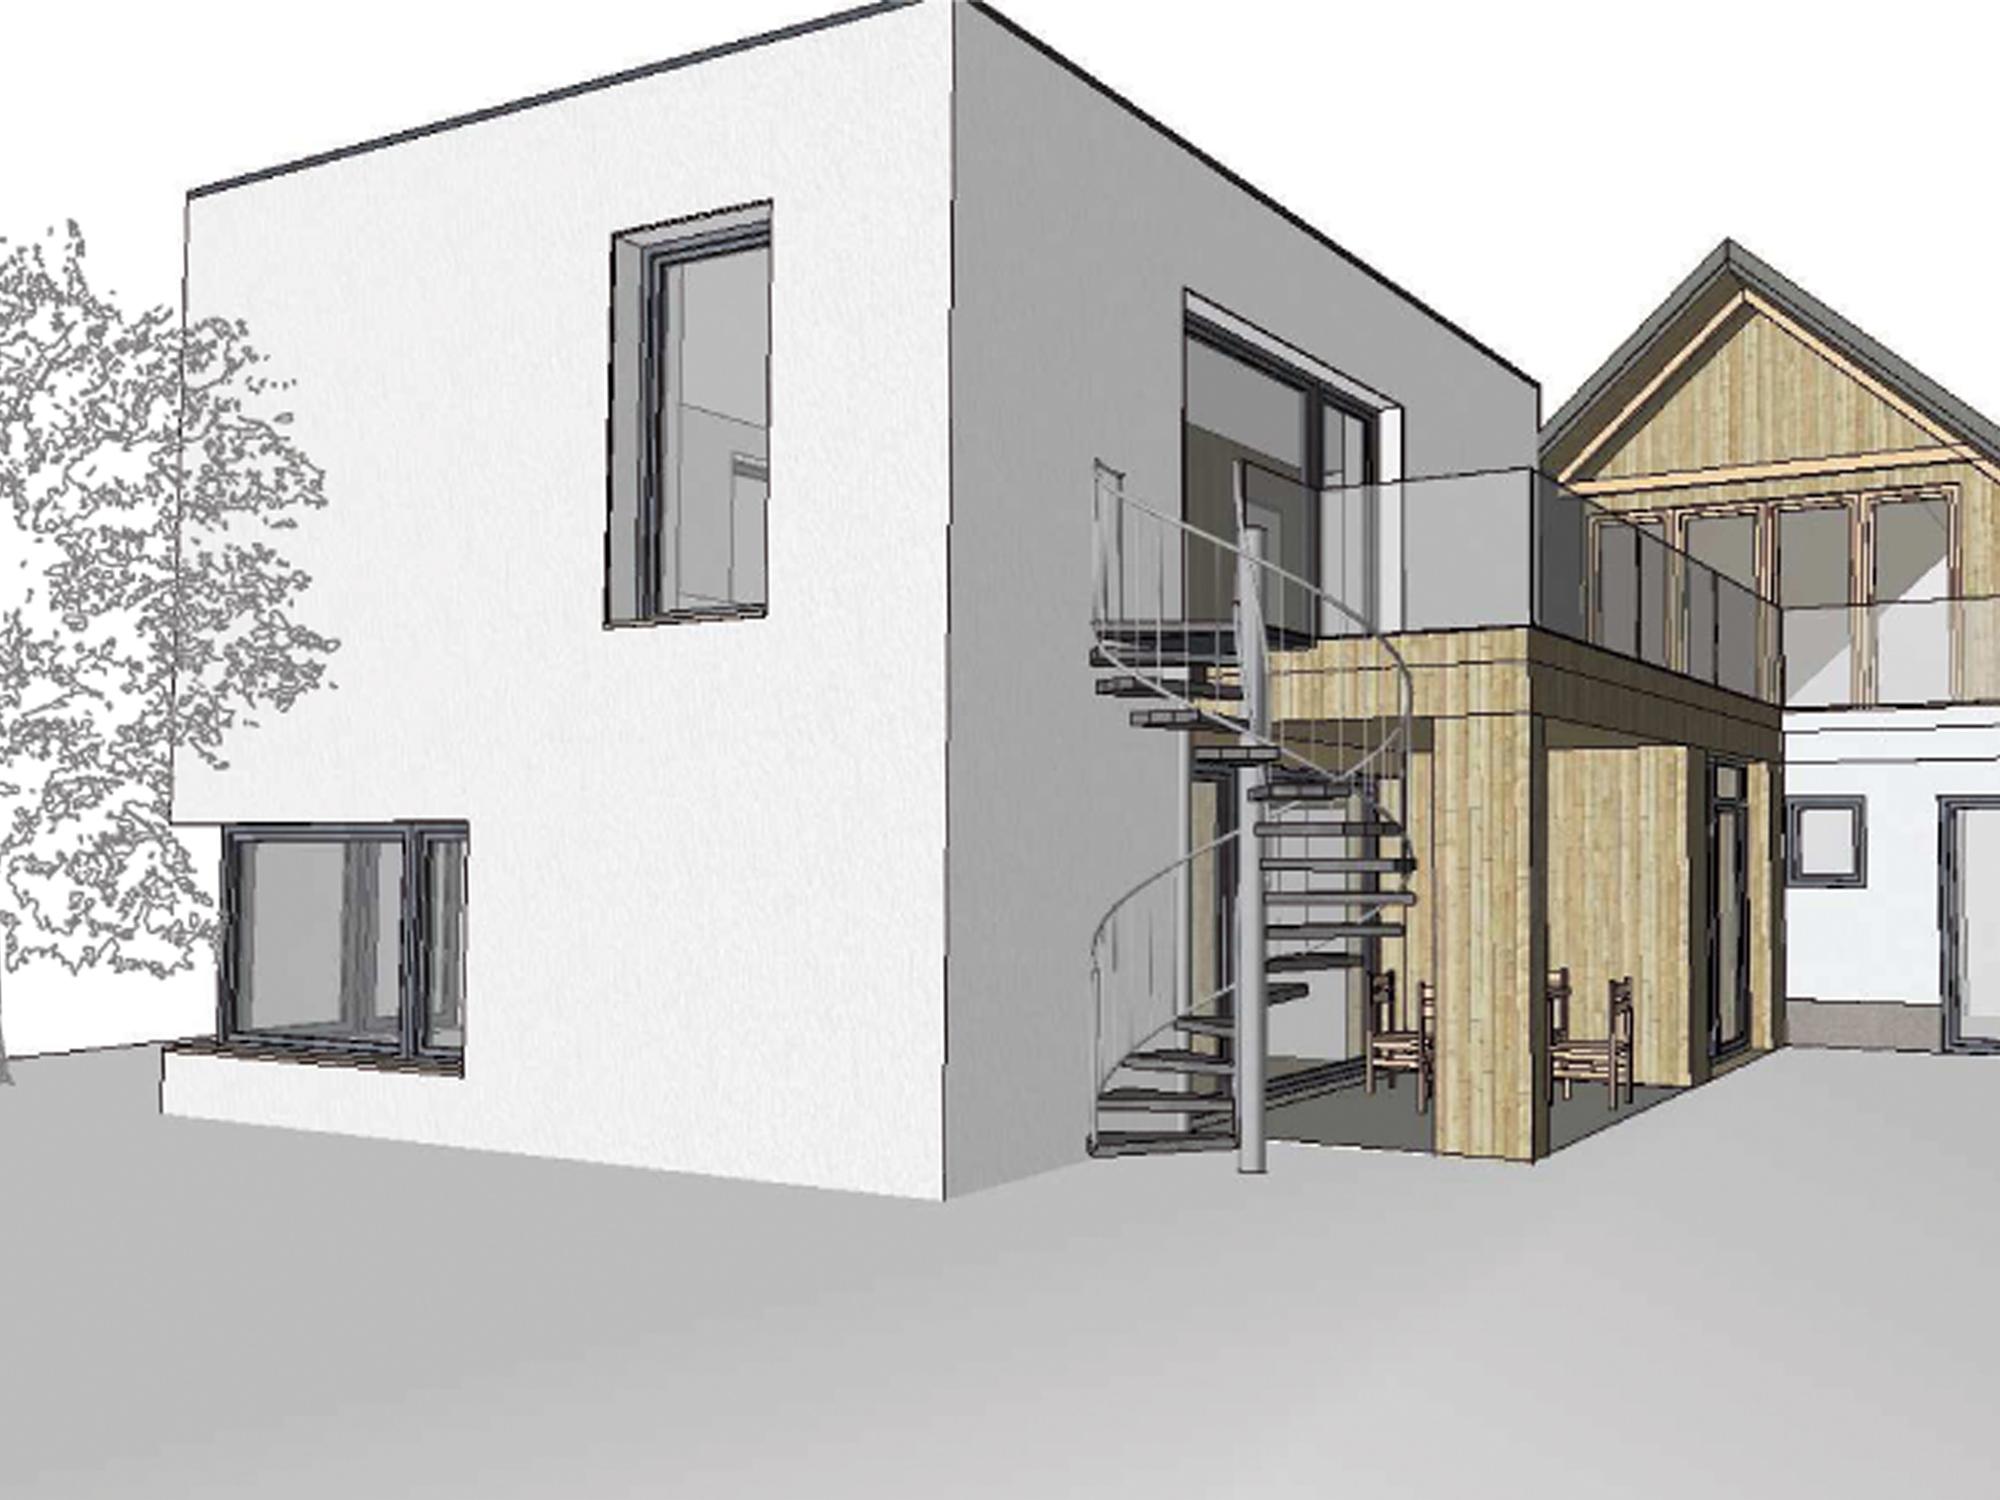 zubau arztordination g architekt stefan toifl. Black Bedroom Furniture Sets. Home Design Ideas